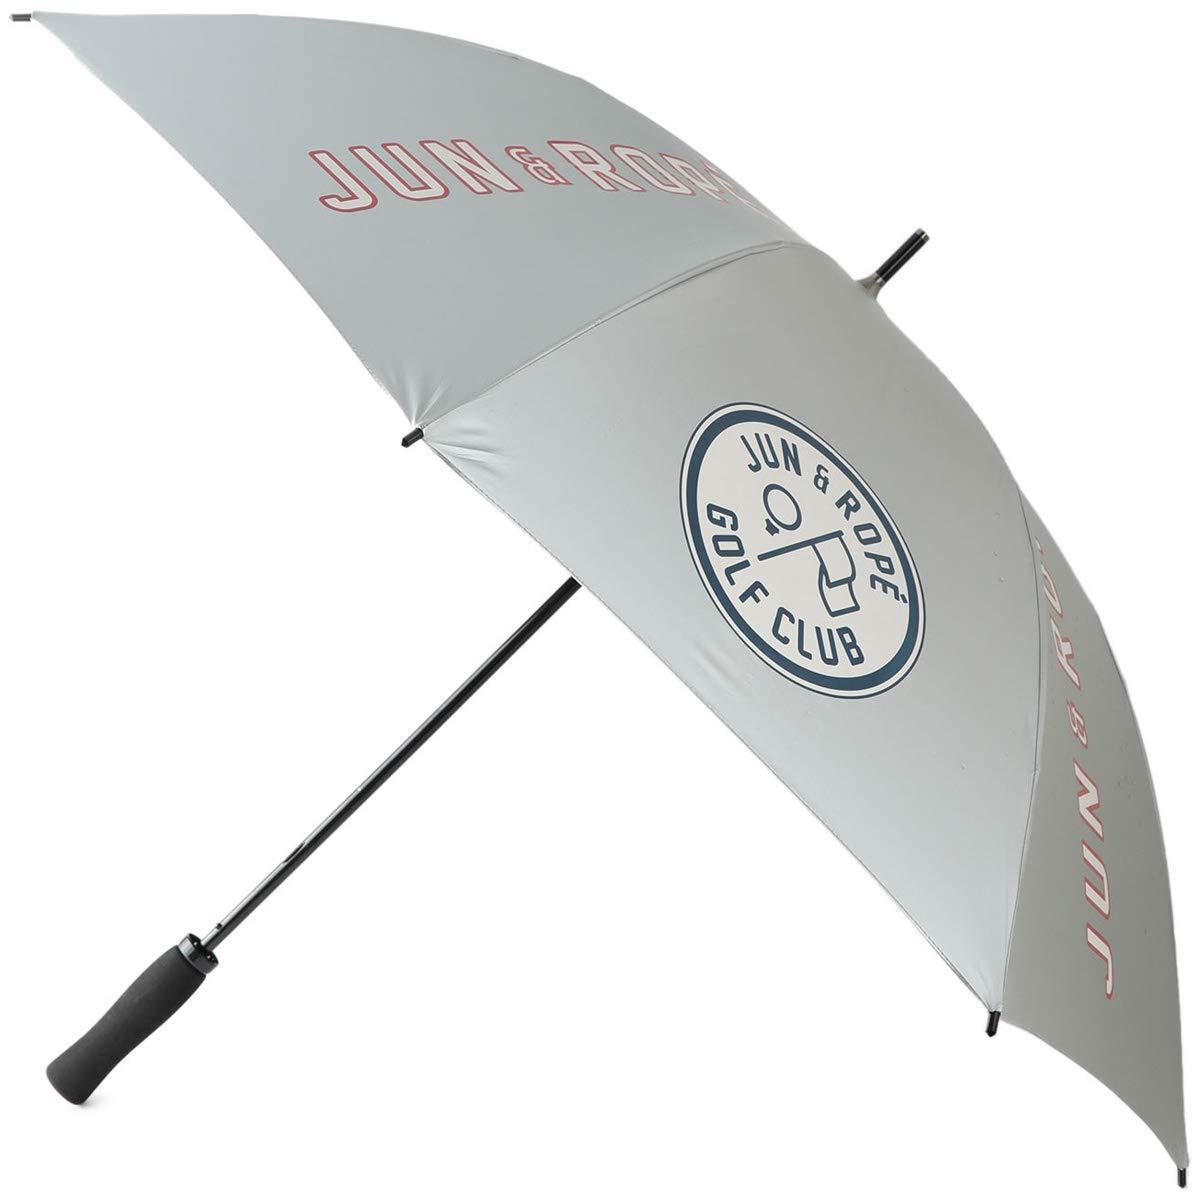 傘 メンズ レディース ジュン&ロペ JUN&ROPE ゴルフ erz79000